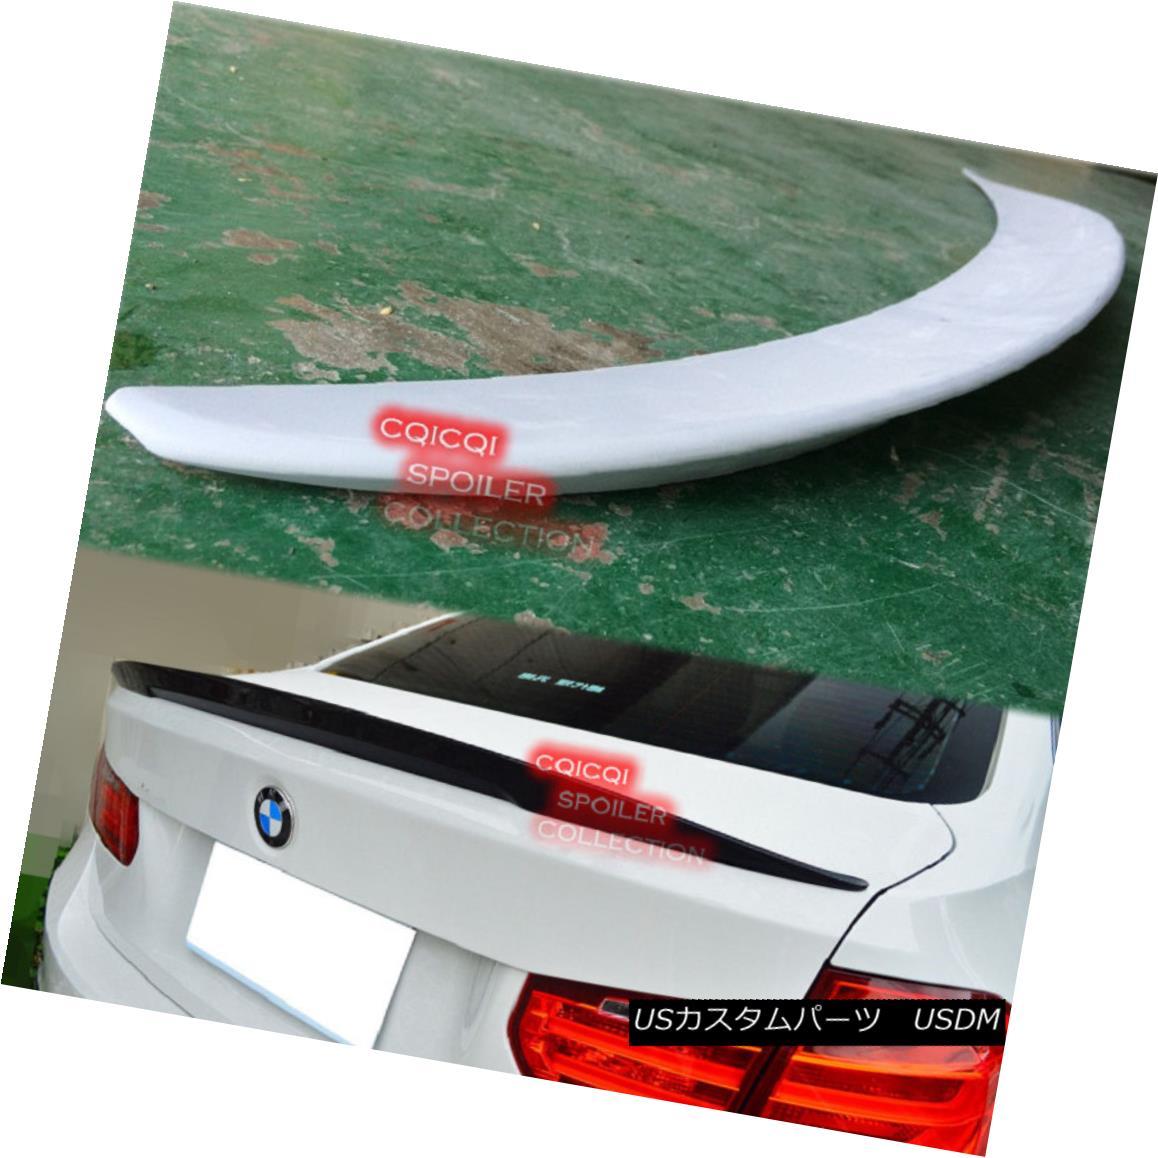 エアロパーツ Painted BMW F30 3 Sedan high kick Performance type trunk spoiler color:475 ◎ ペイントされたBMW F30 3セダンハイキックパフォーマンスタイプのトランクスポイラーの色:475?